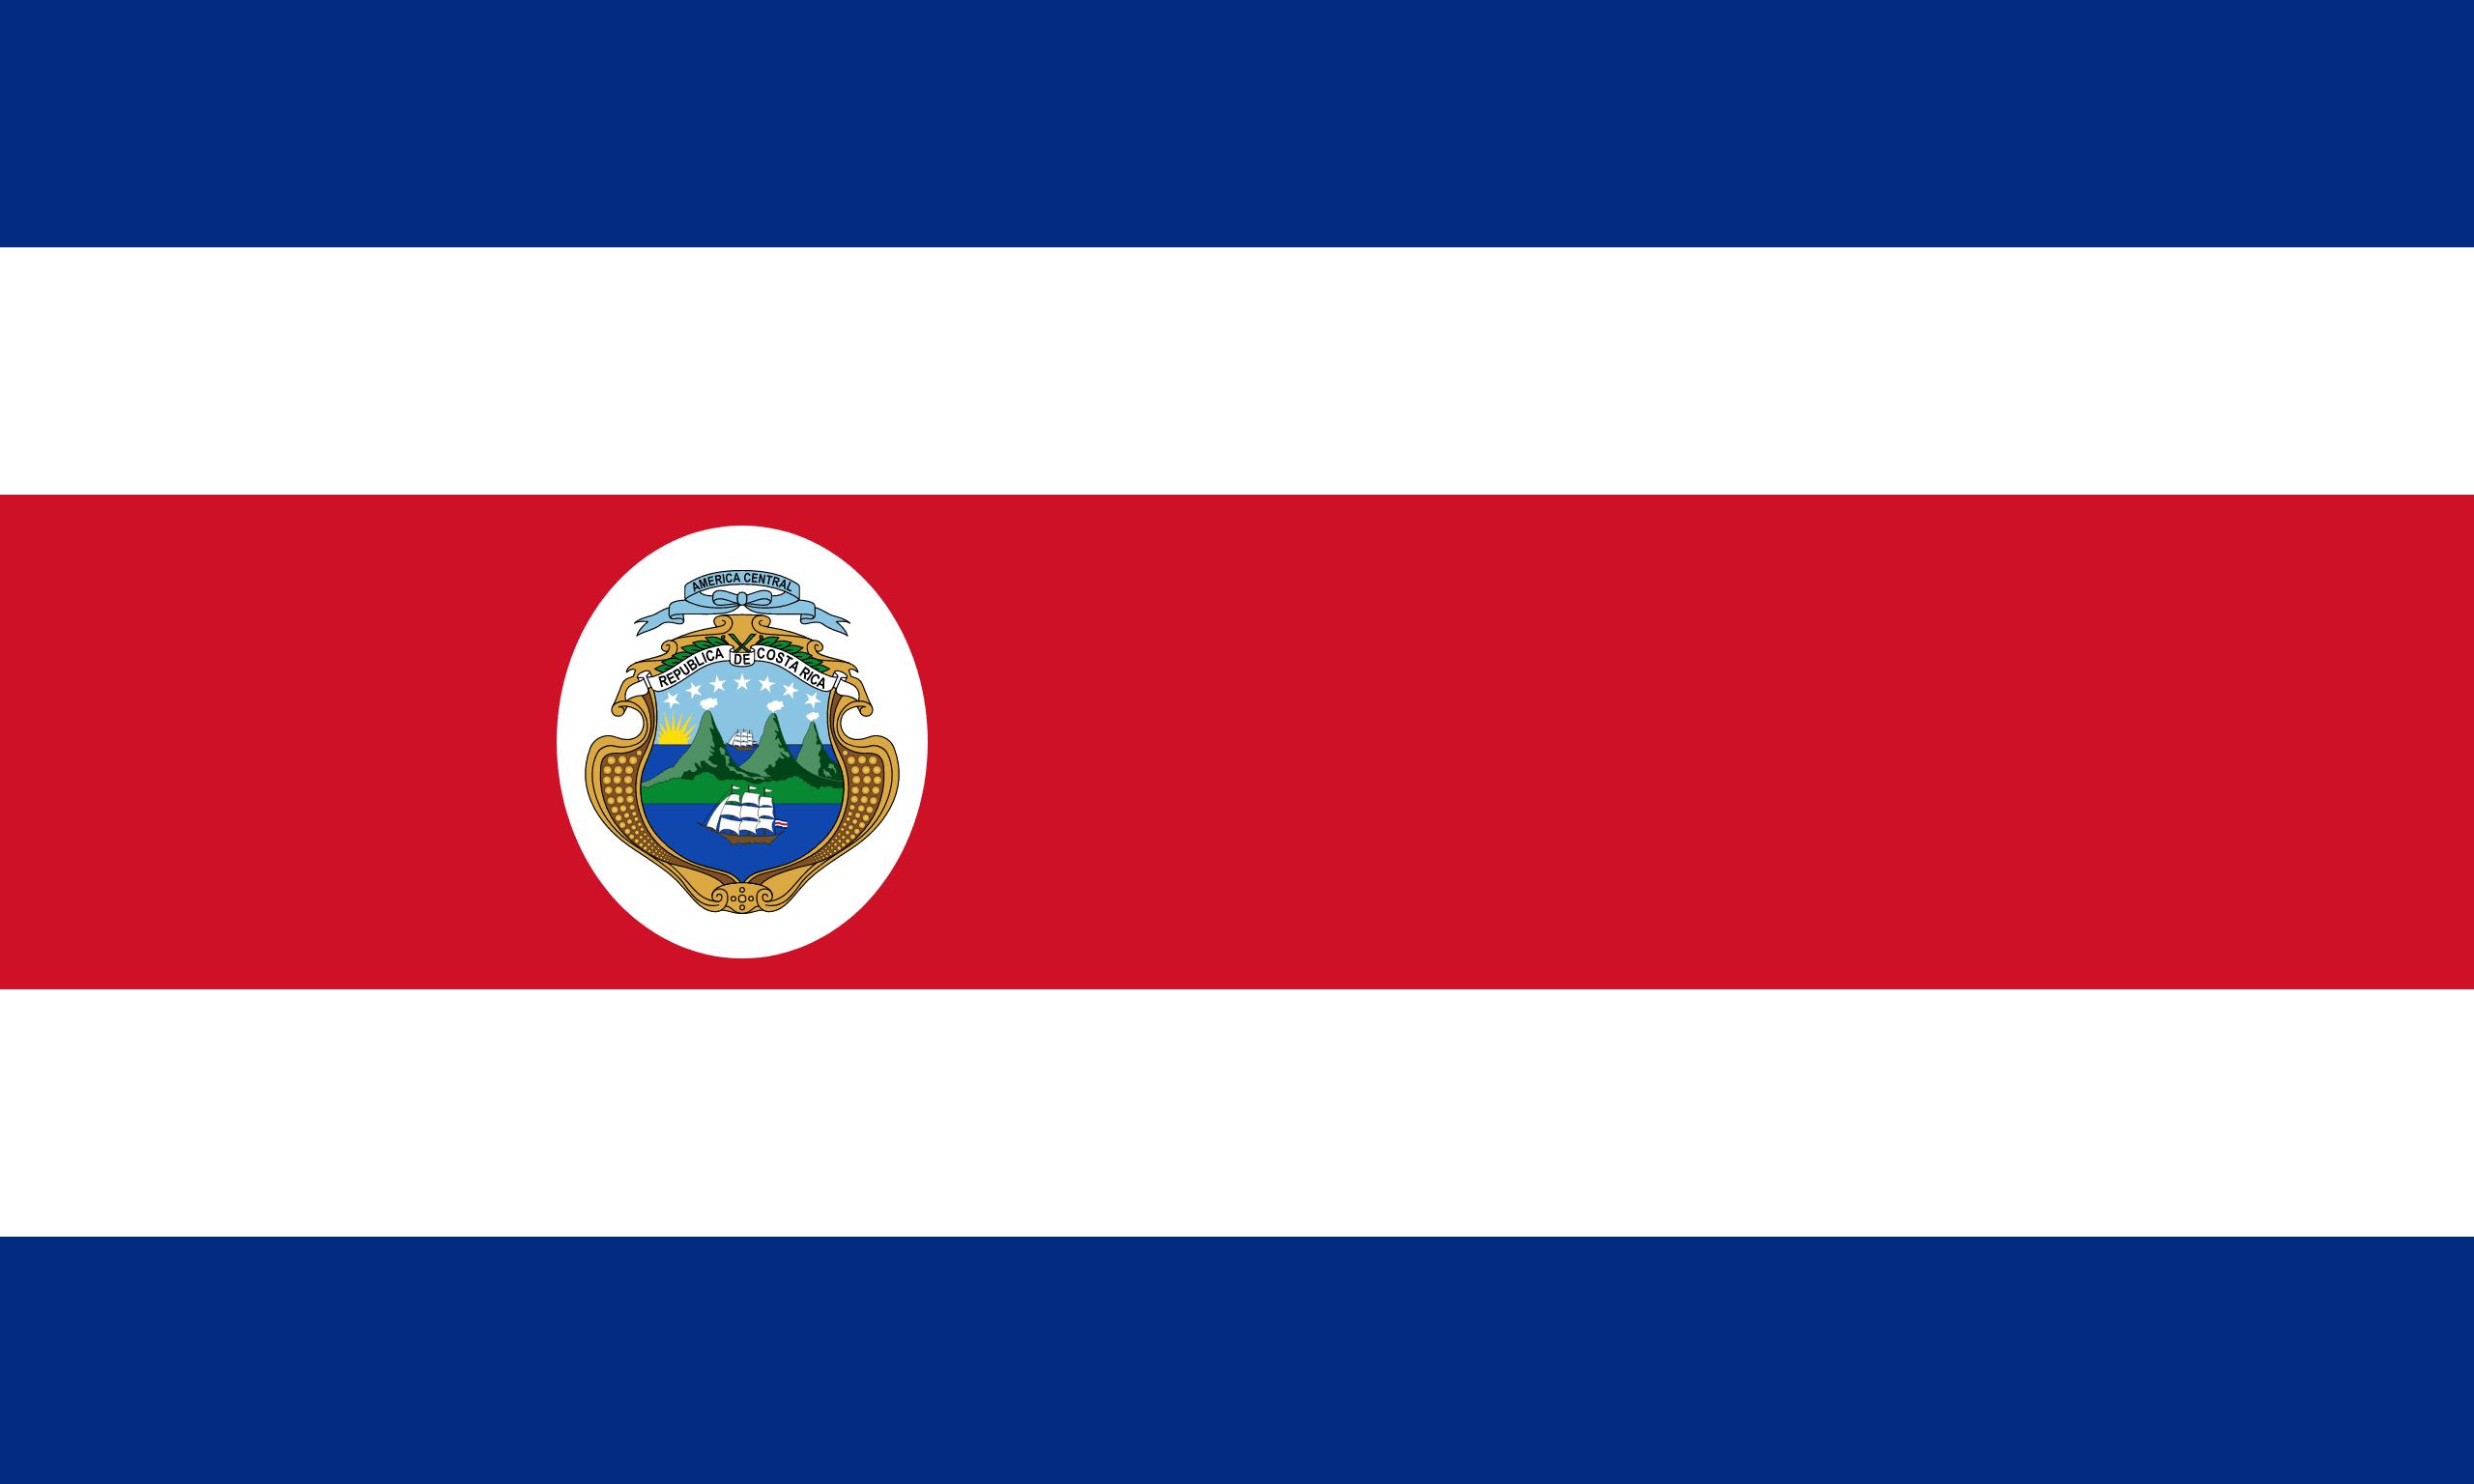 Kosta Rika'nın Başkenti ve Para Birimi Nedir? Kosta Rika'nın Bayrağı Nasıldır?